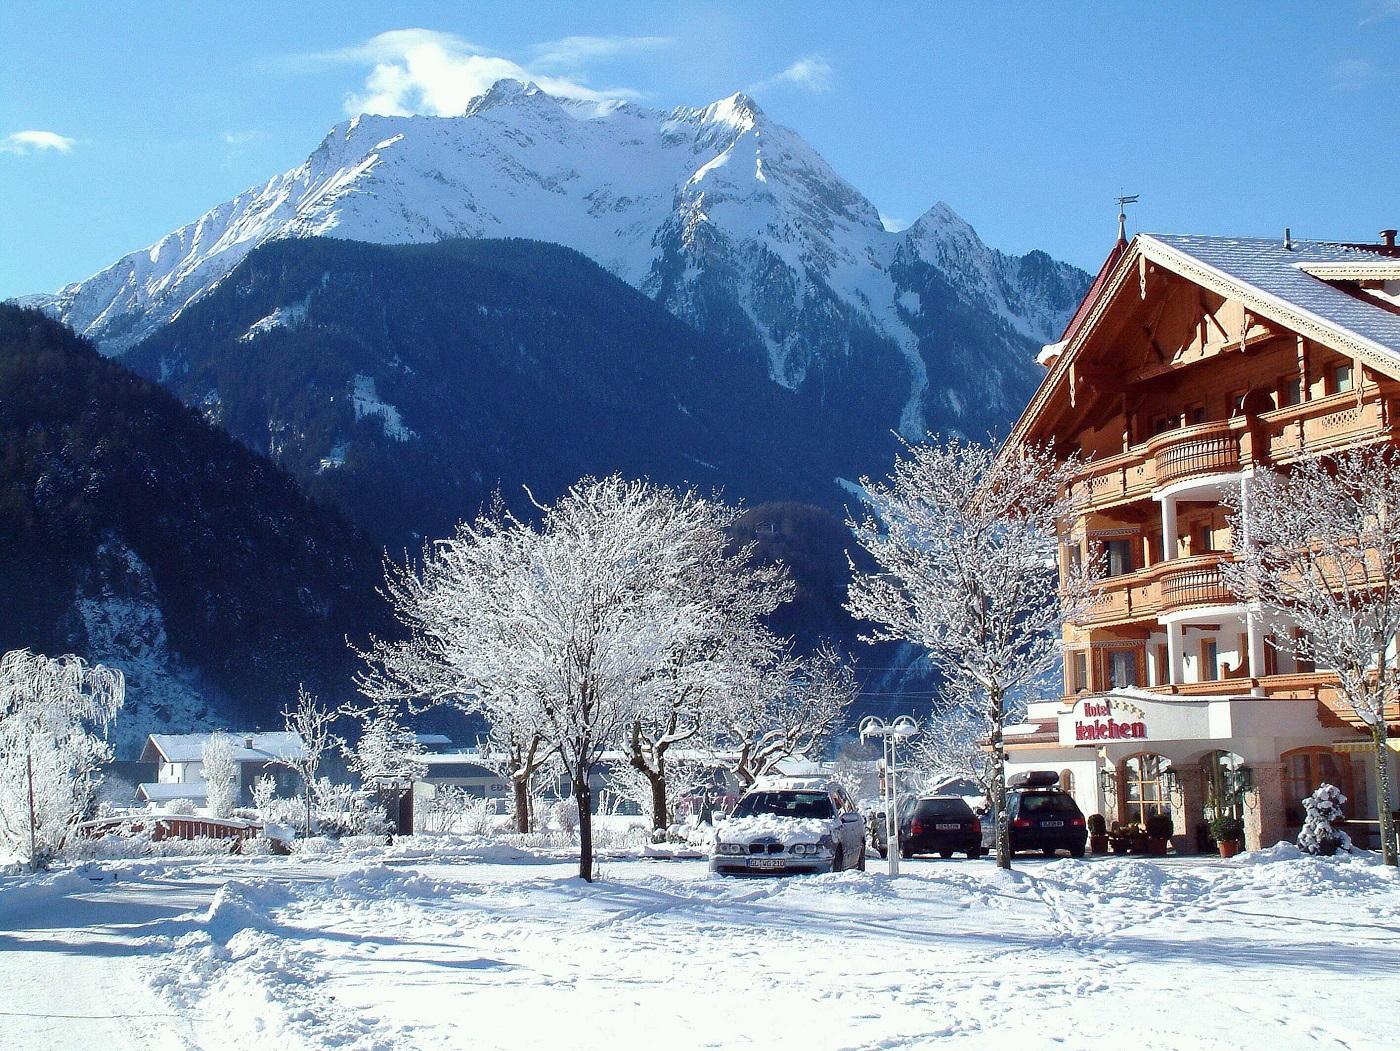 Tablou de iarnă din Lech